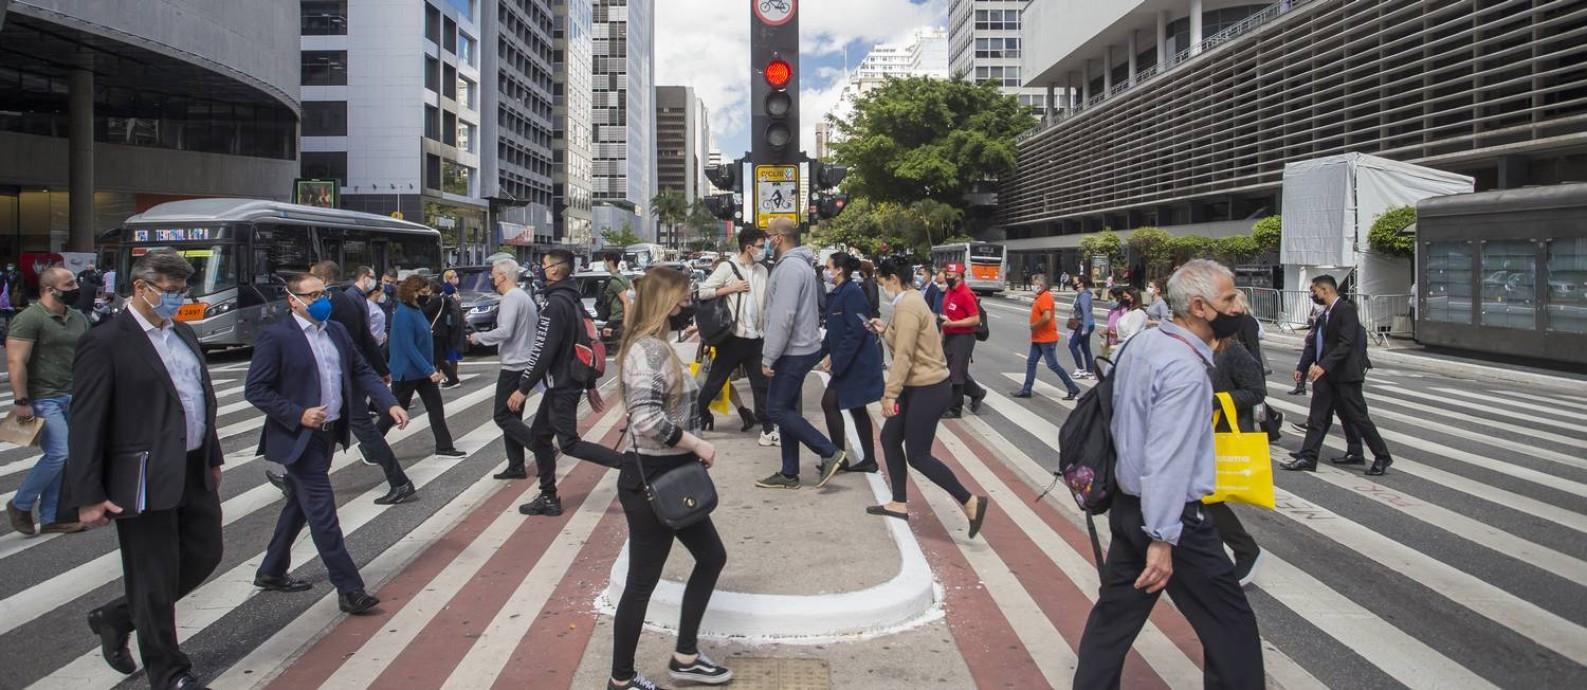 Fim das restrições em São Paulo: depois de um ano e cinco meses com medidas restritias, ruas, como a Avenida Paulista, estão movimentadas Foto: Edilson Dantas / Agência O Globo